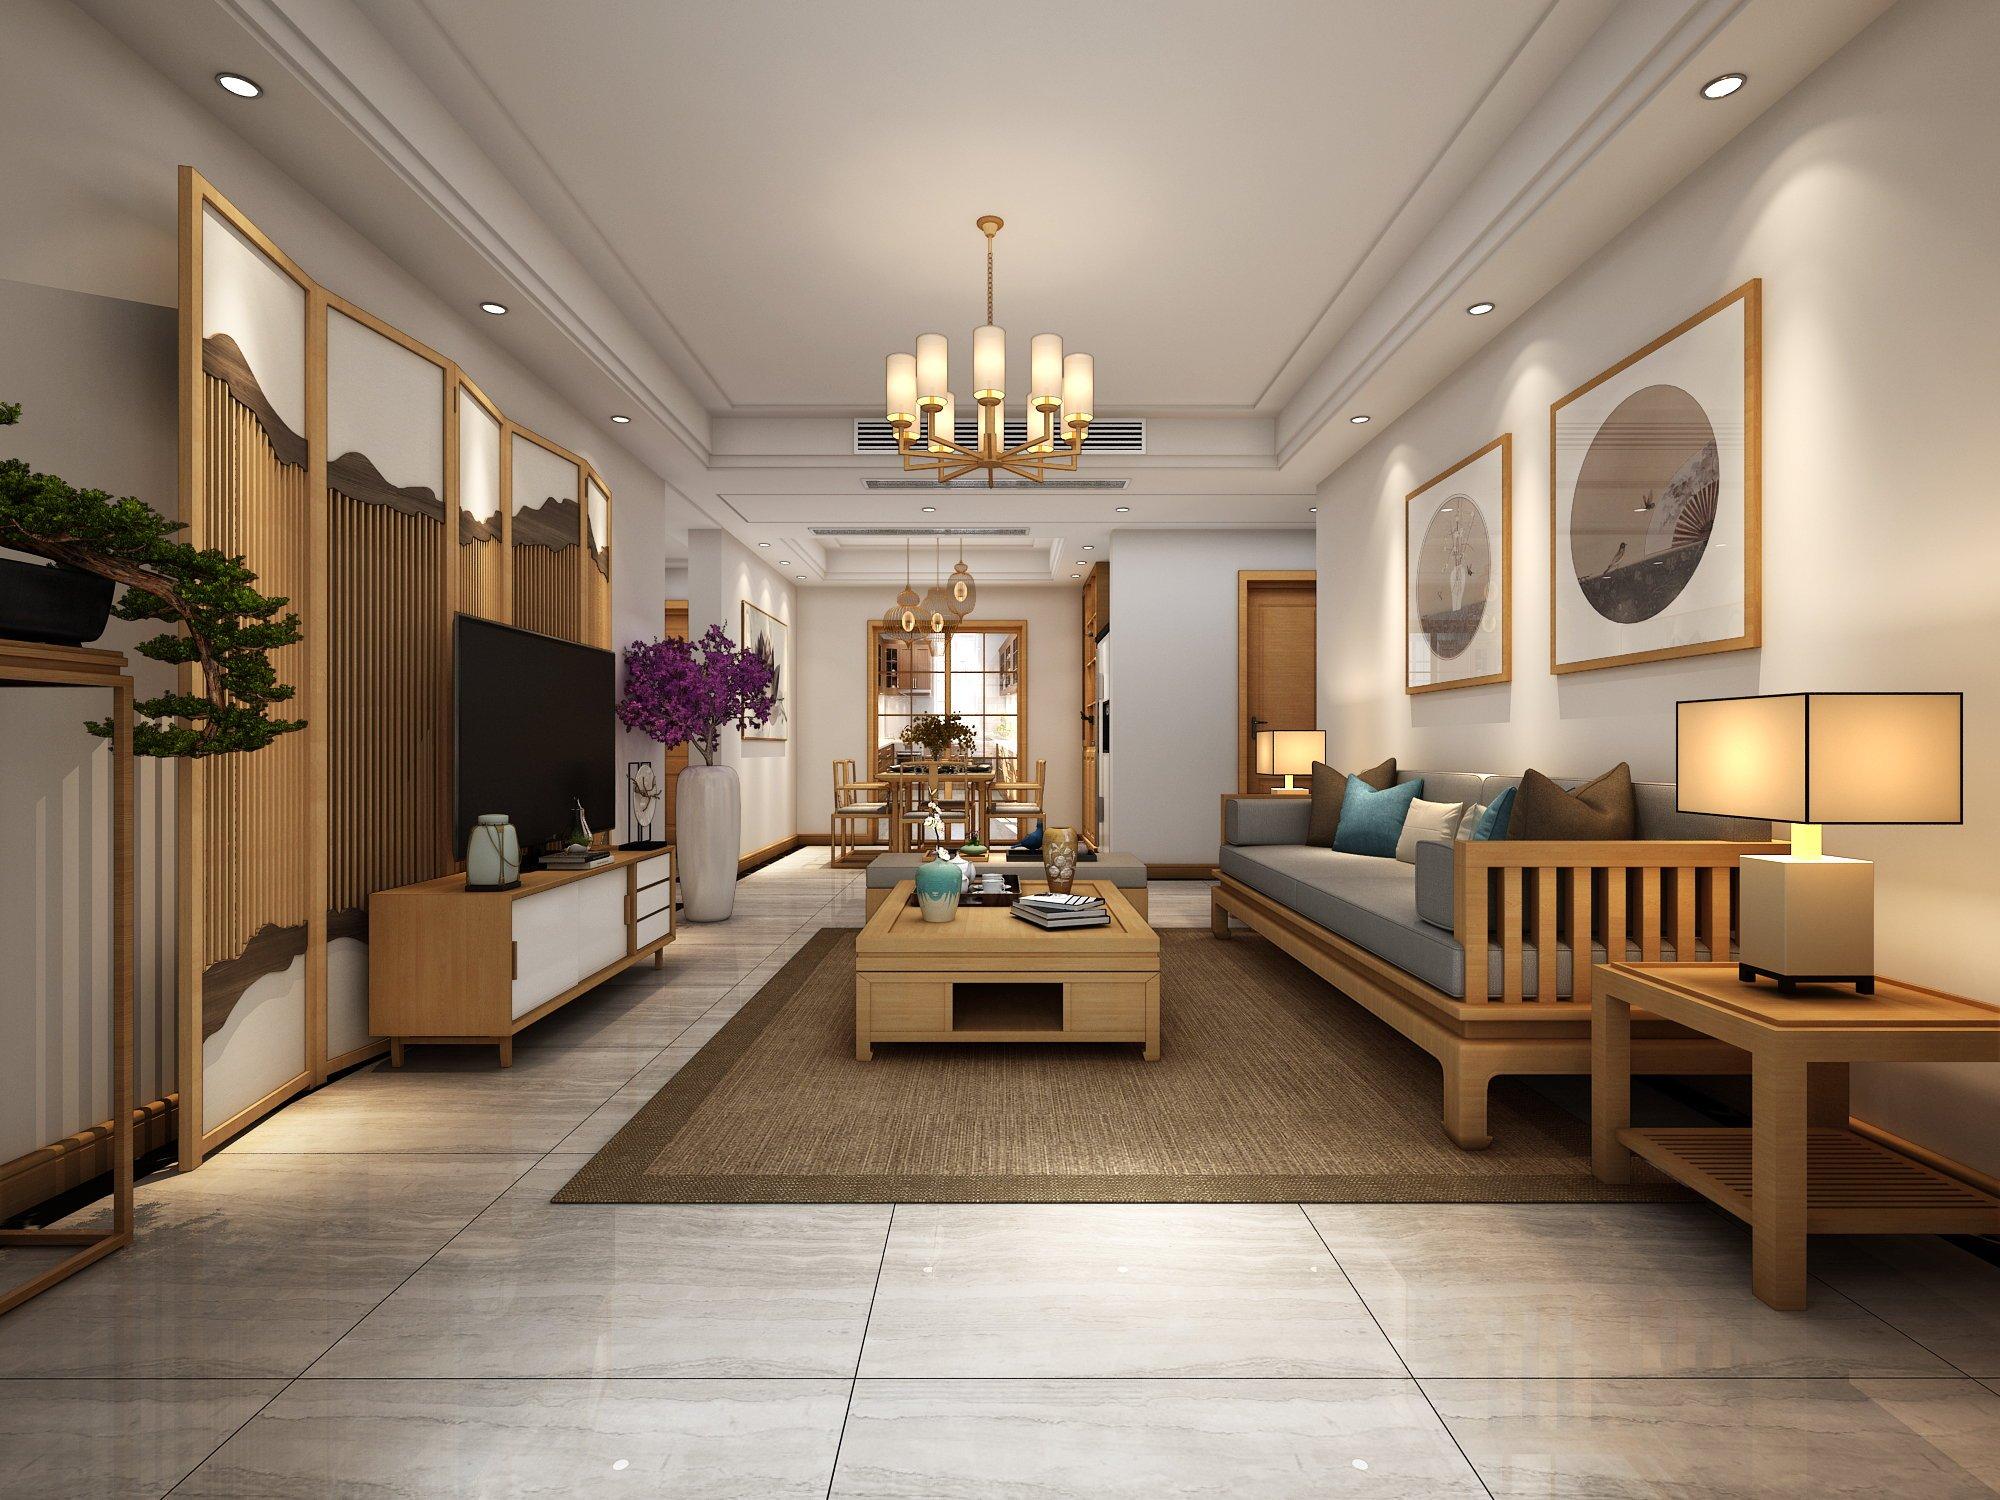 日式风格客厅装修设计效果图